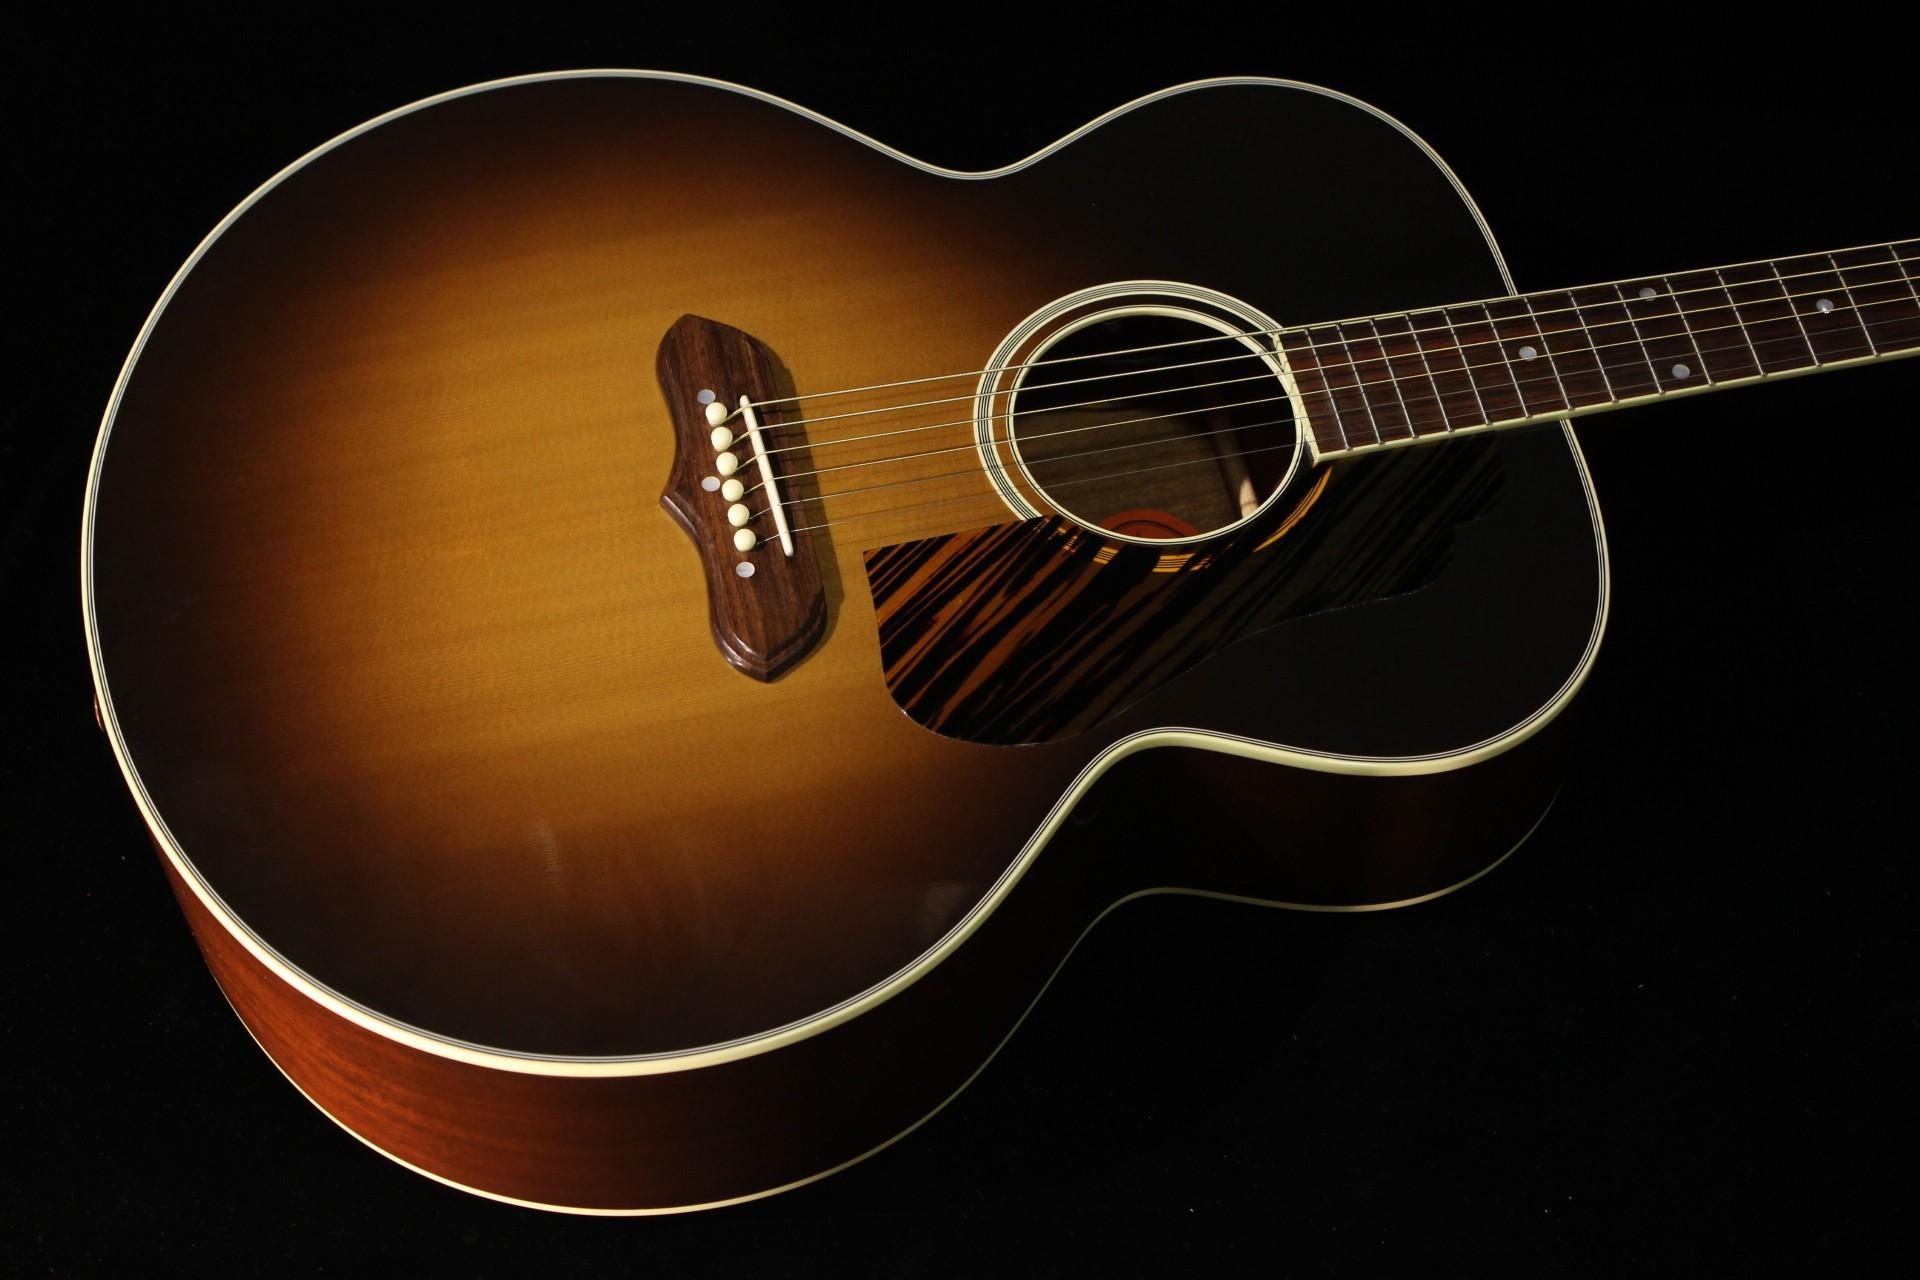 Gibson Guitars Serial Number Decoder - GuitarInsite